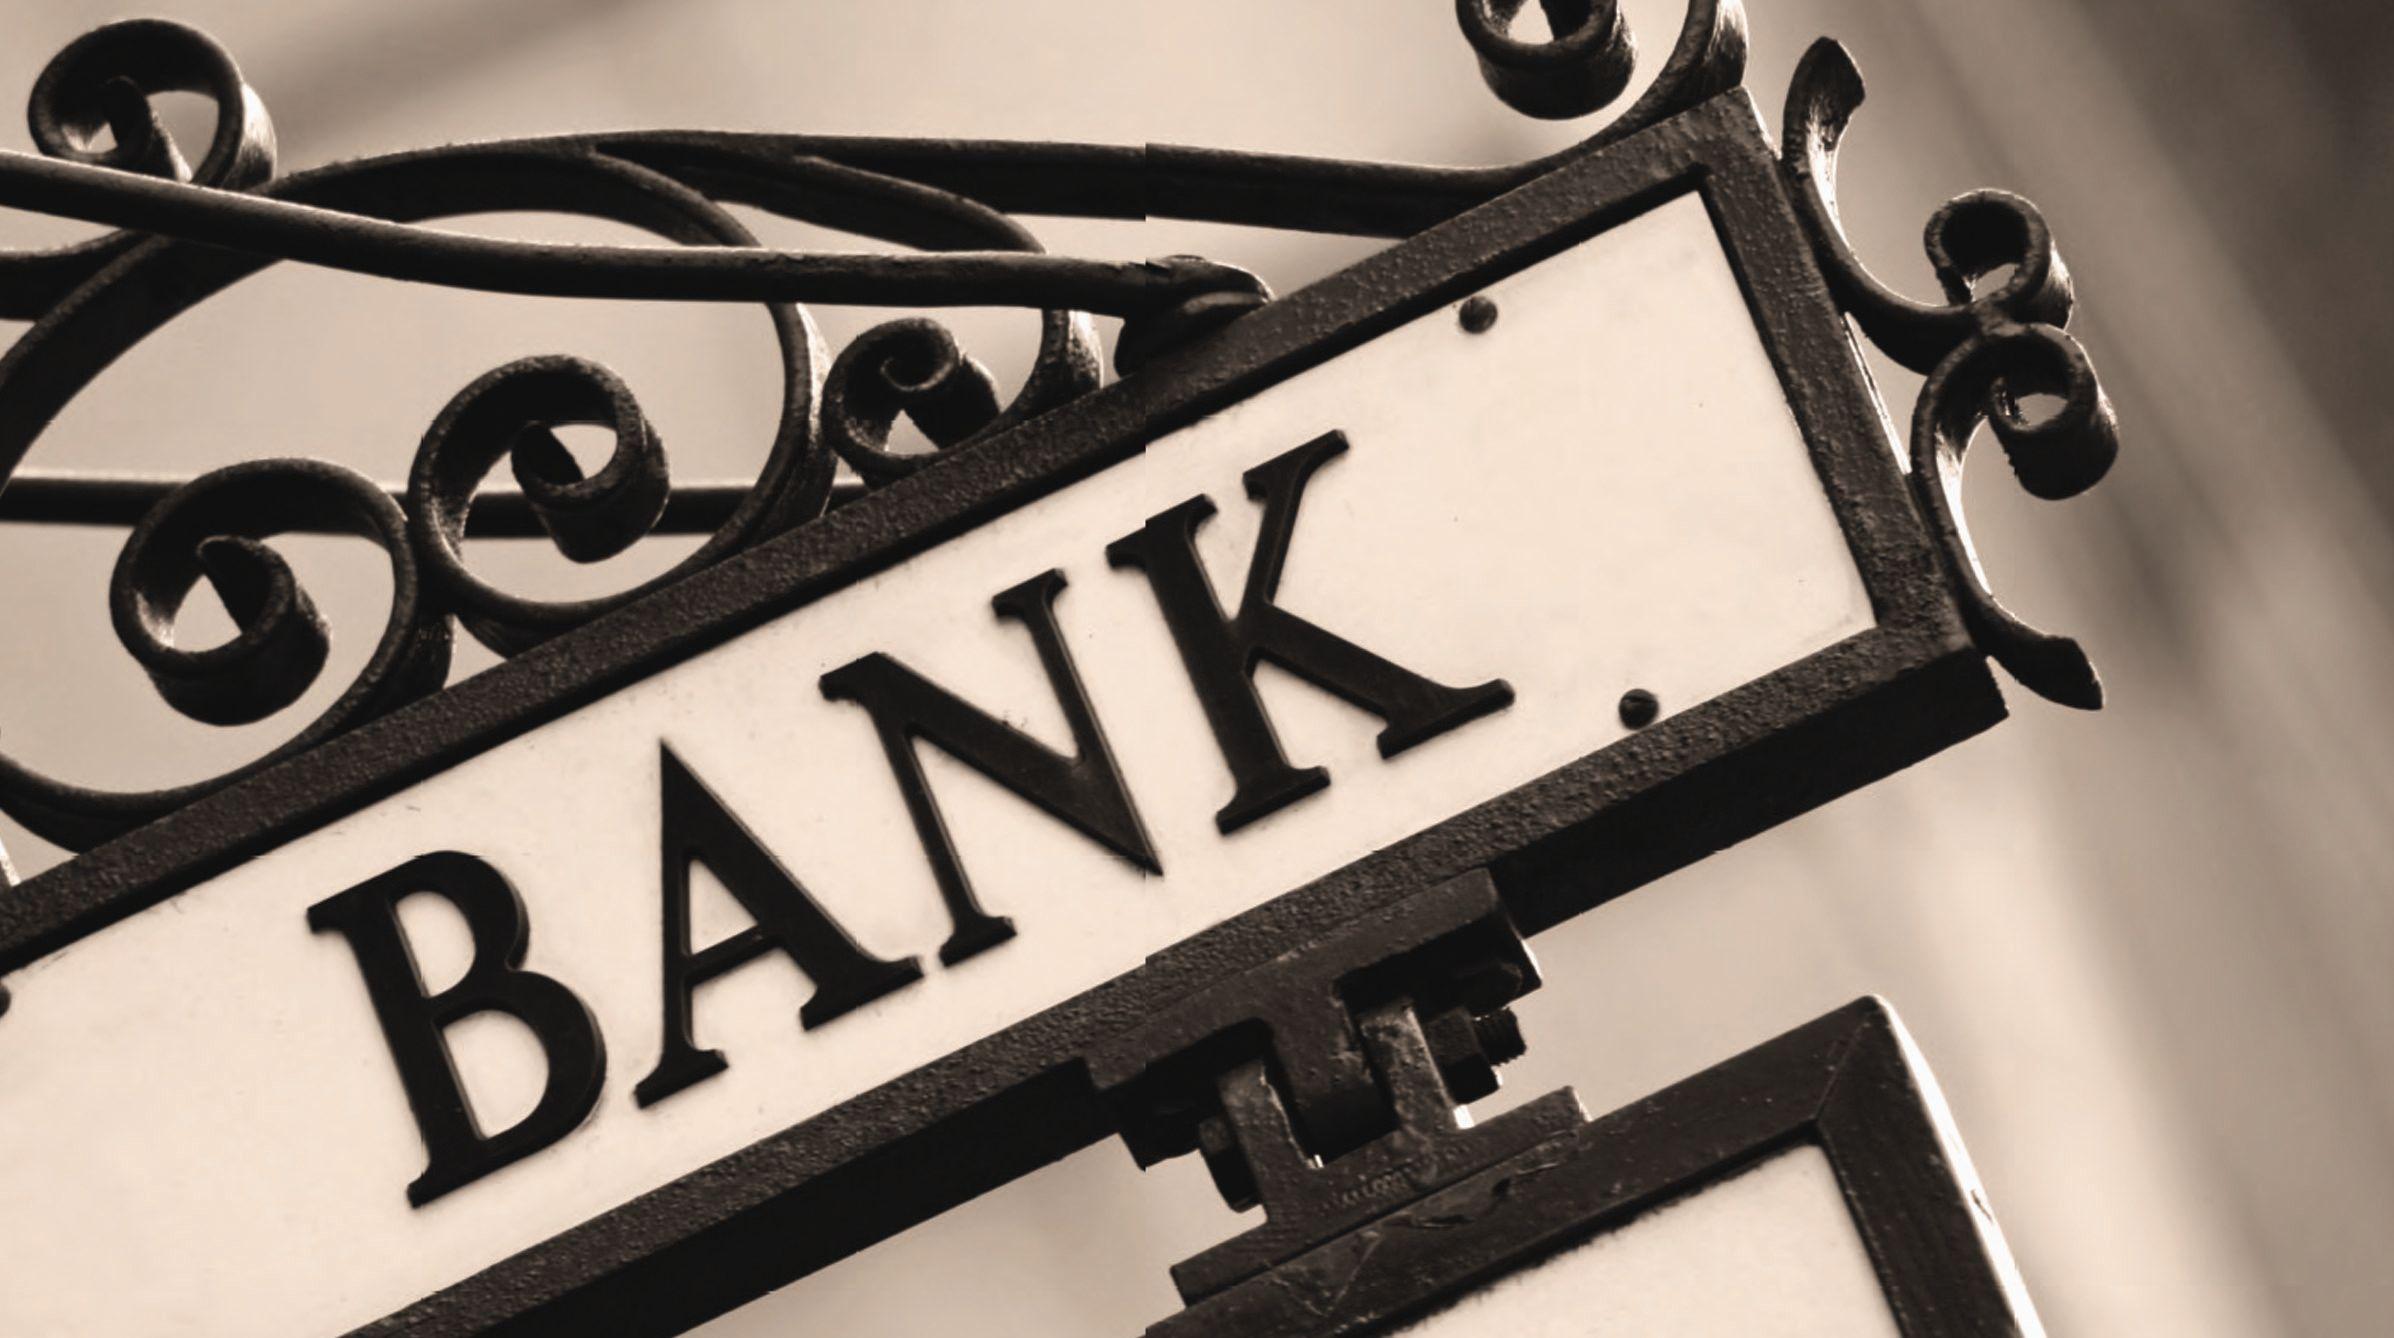 مصطلحات تهمك: اختصارات البنوك المركزية الرئيسية وماذا تعني